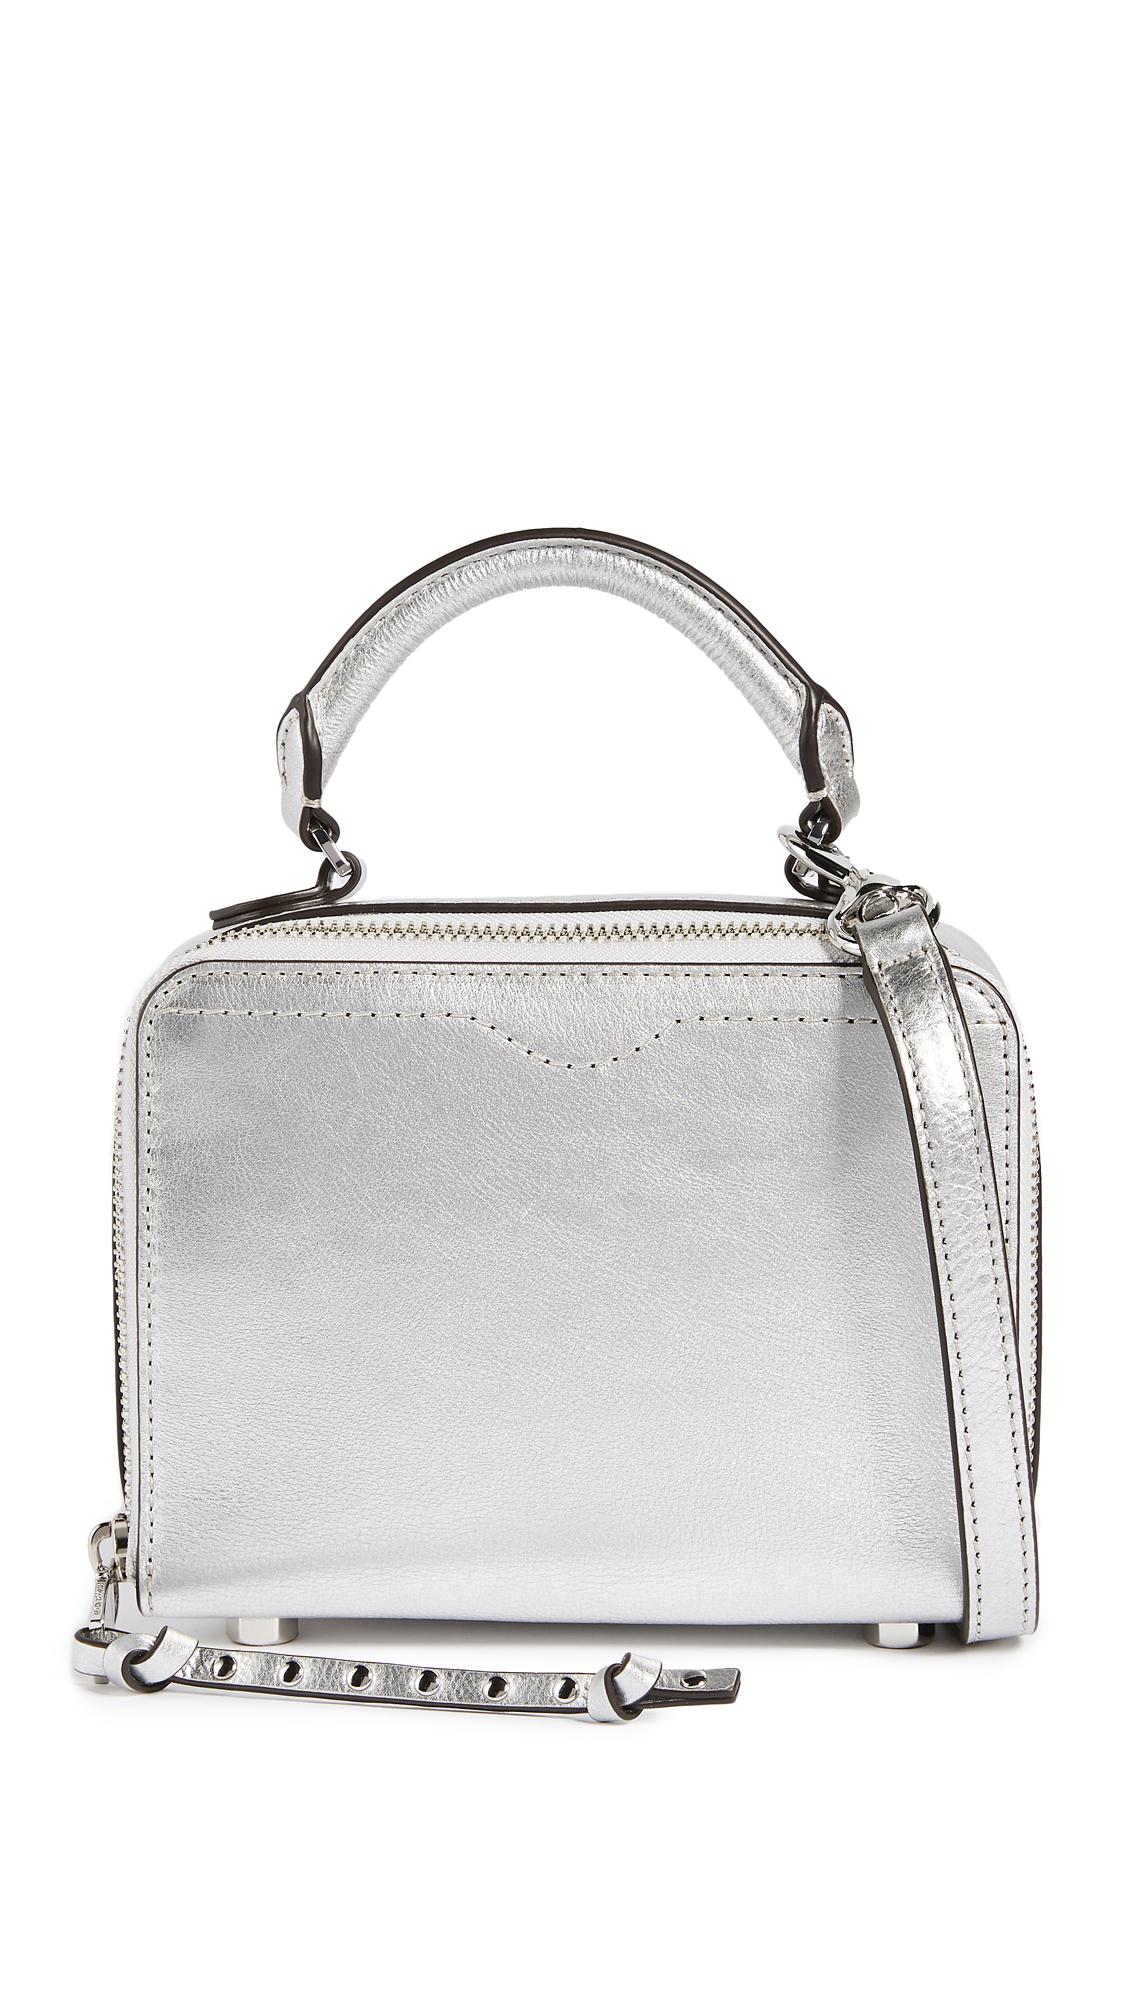 Rebecca Minkoff Box Cross Body Bag - Silver